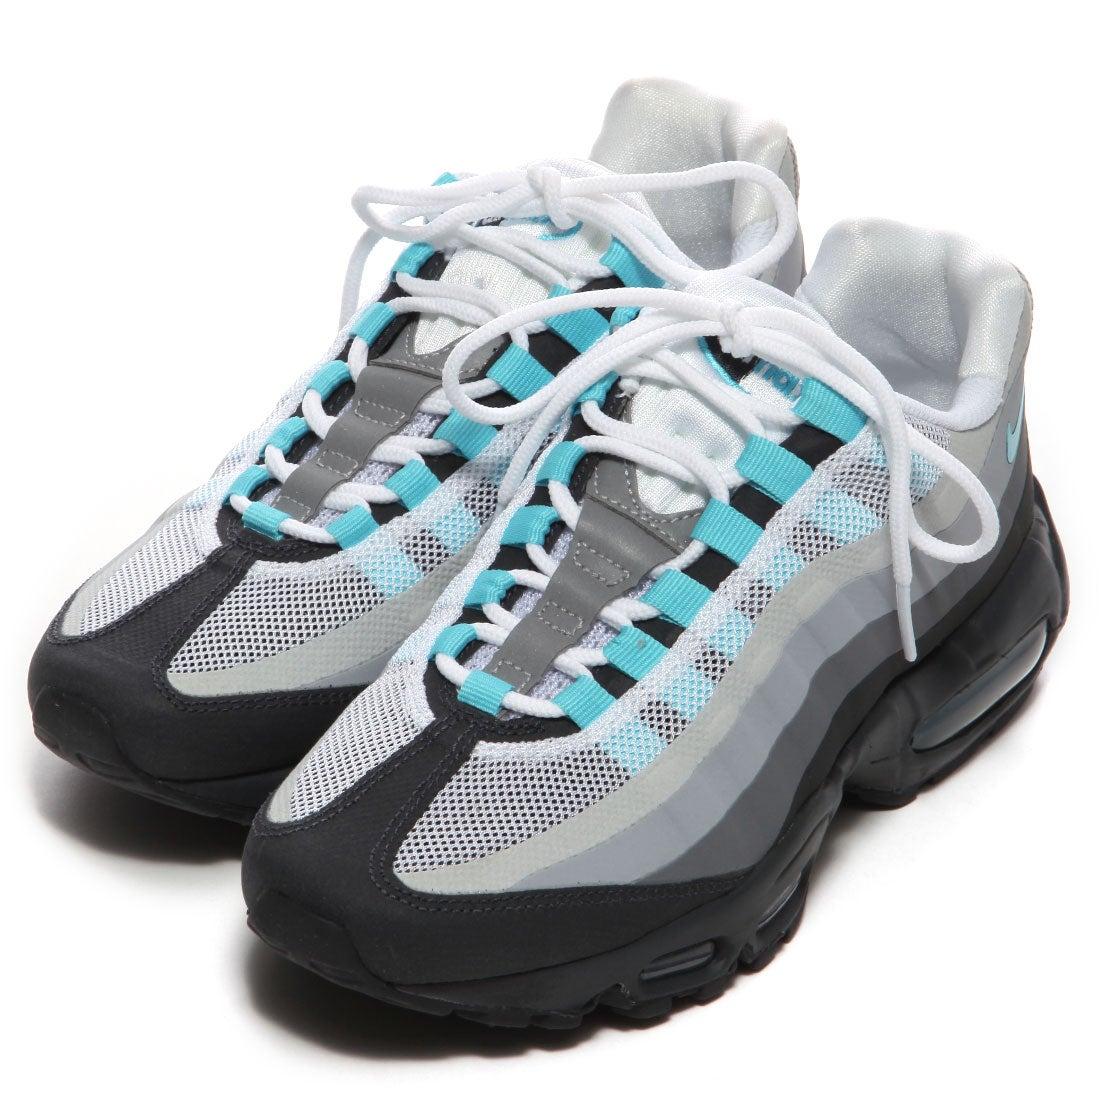 ナイキ NIKE アトモス エアマックス95 ノーソウン(GREY/BLUE) -靴&ファッション通販 ロコンド〜自宅で試着、気軽に返品